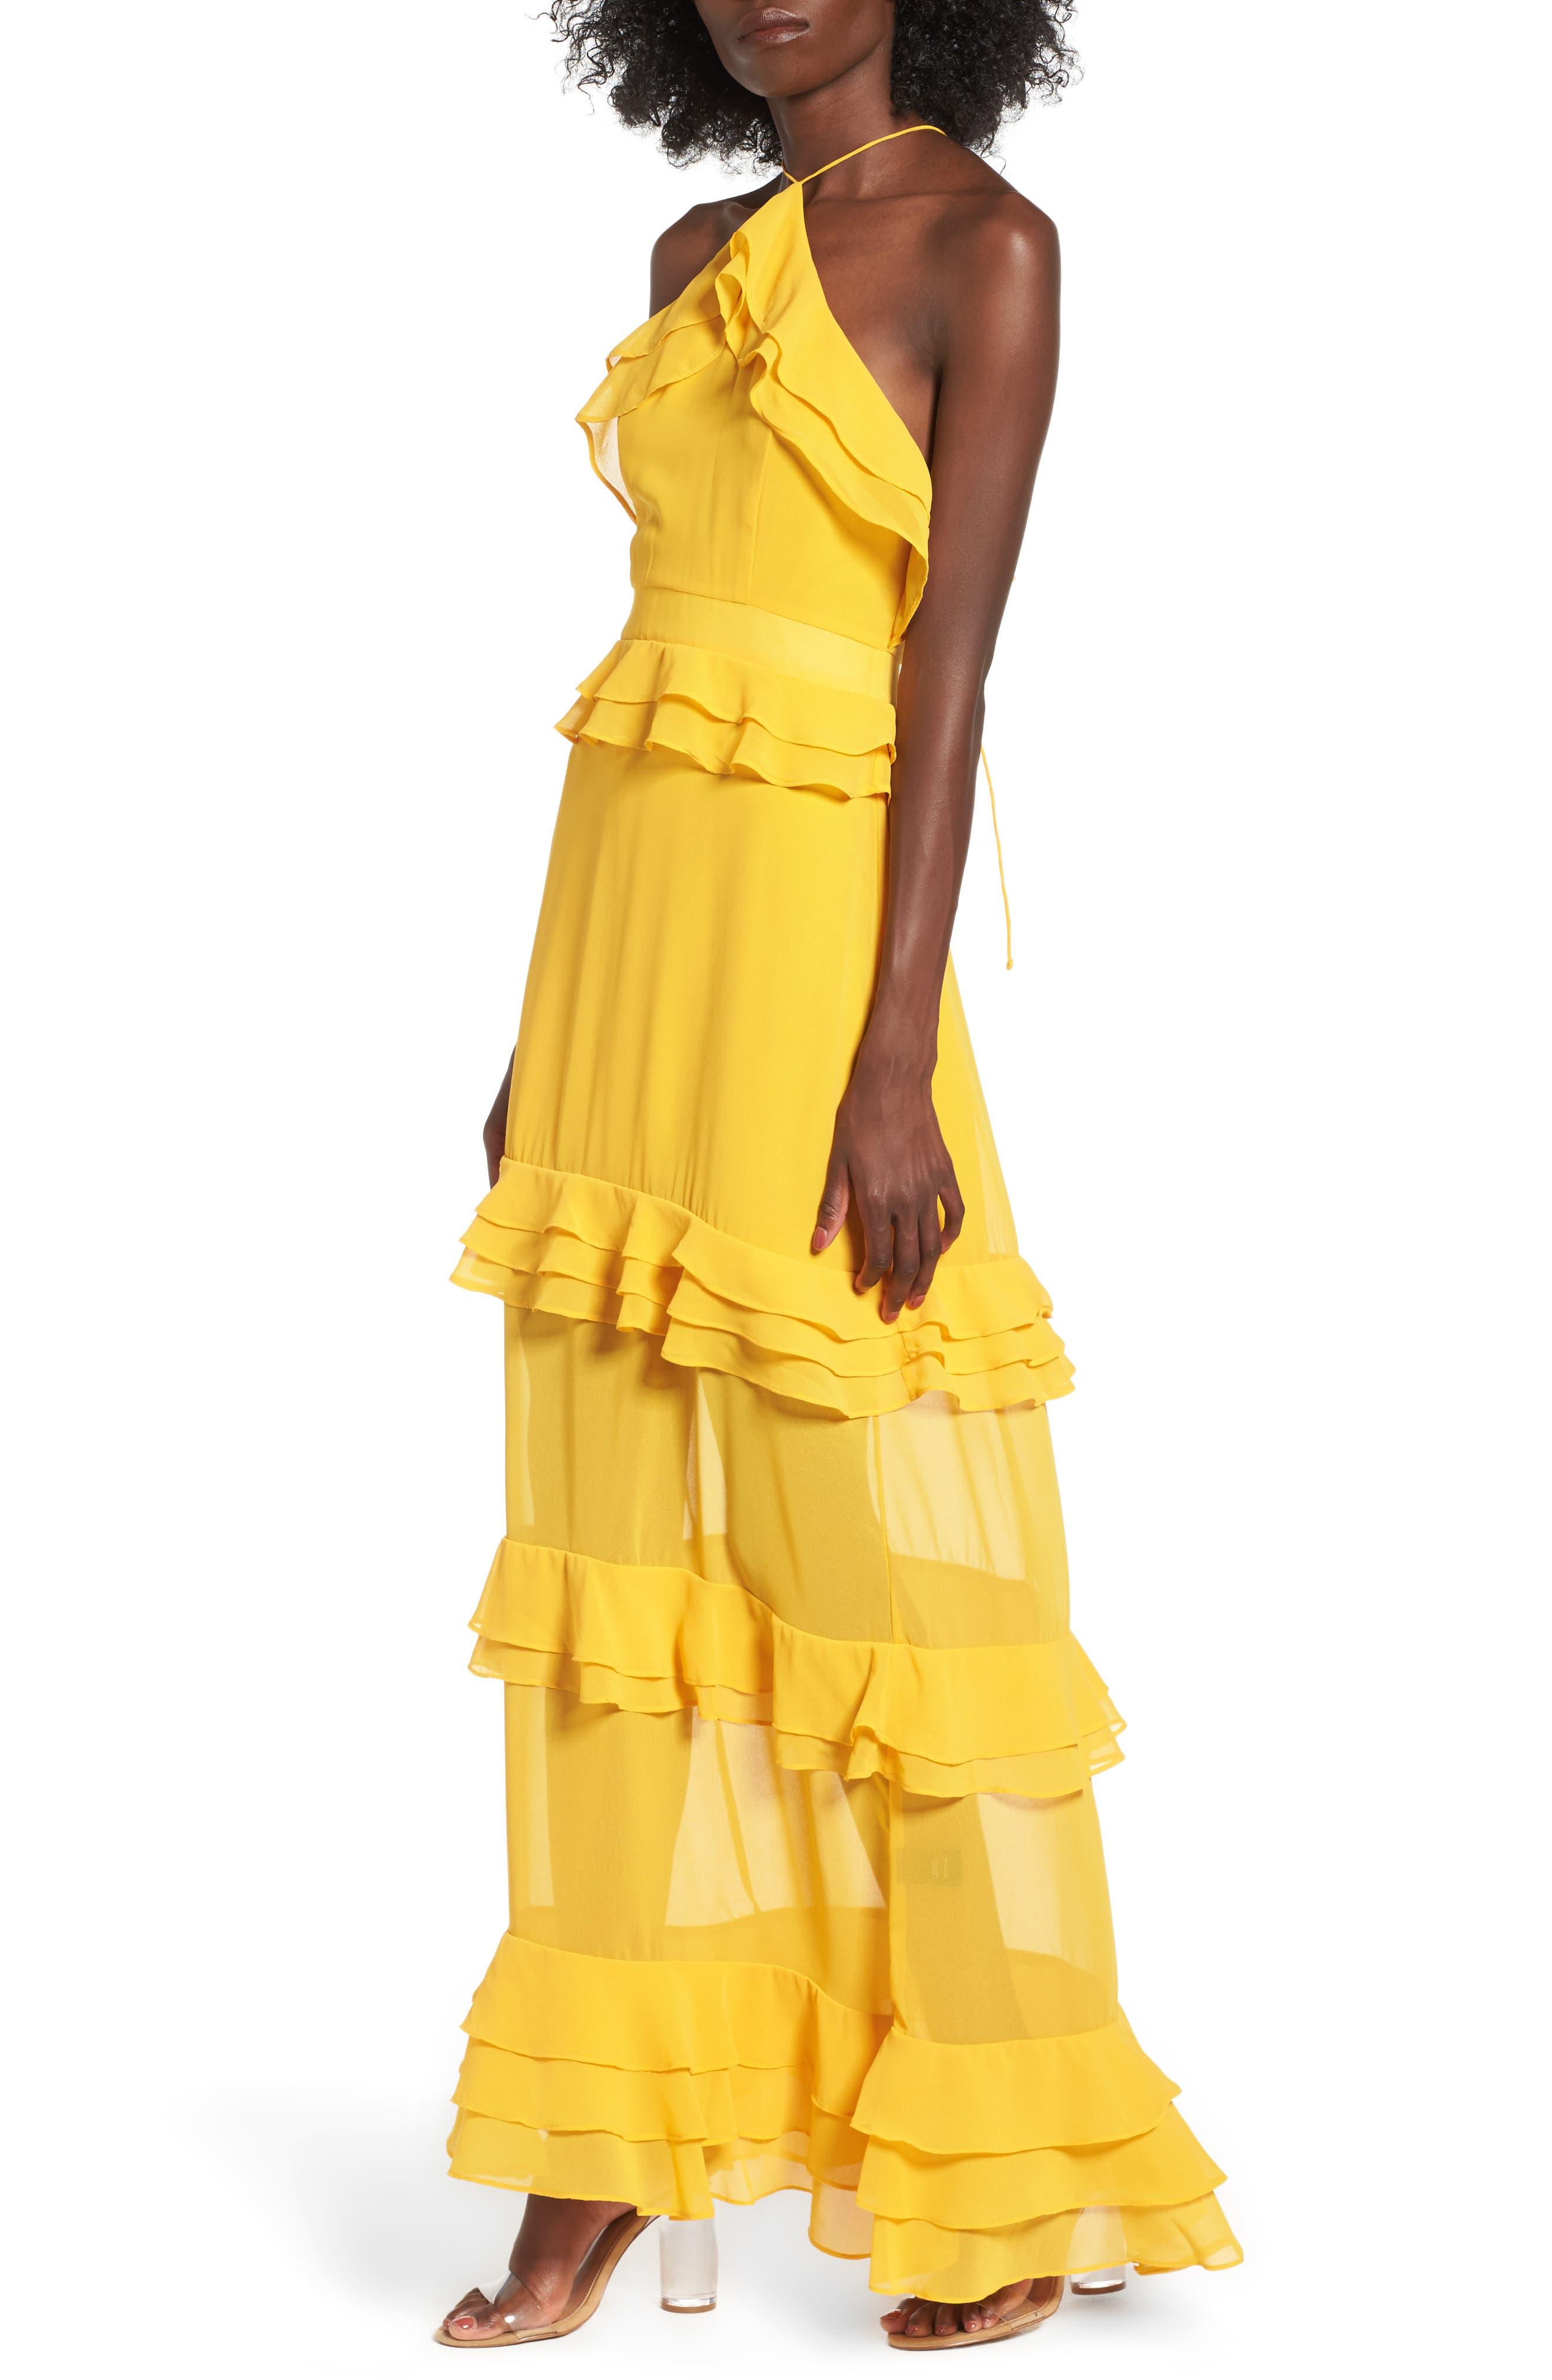 Alternate Image 1 Selected - AFRM Violet Maxi Dress